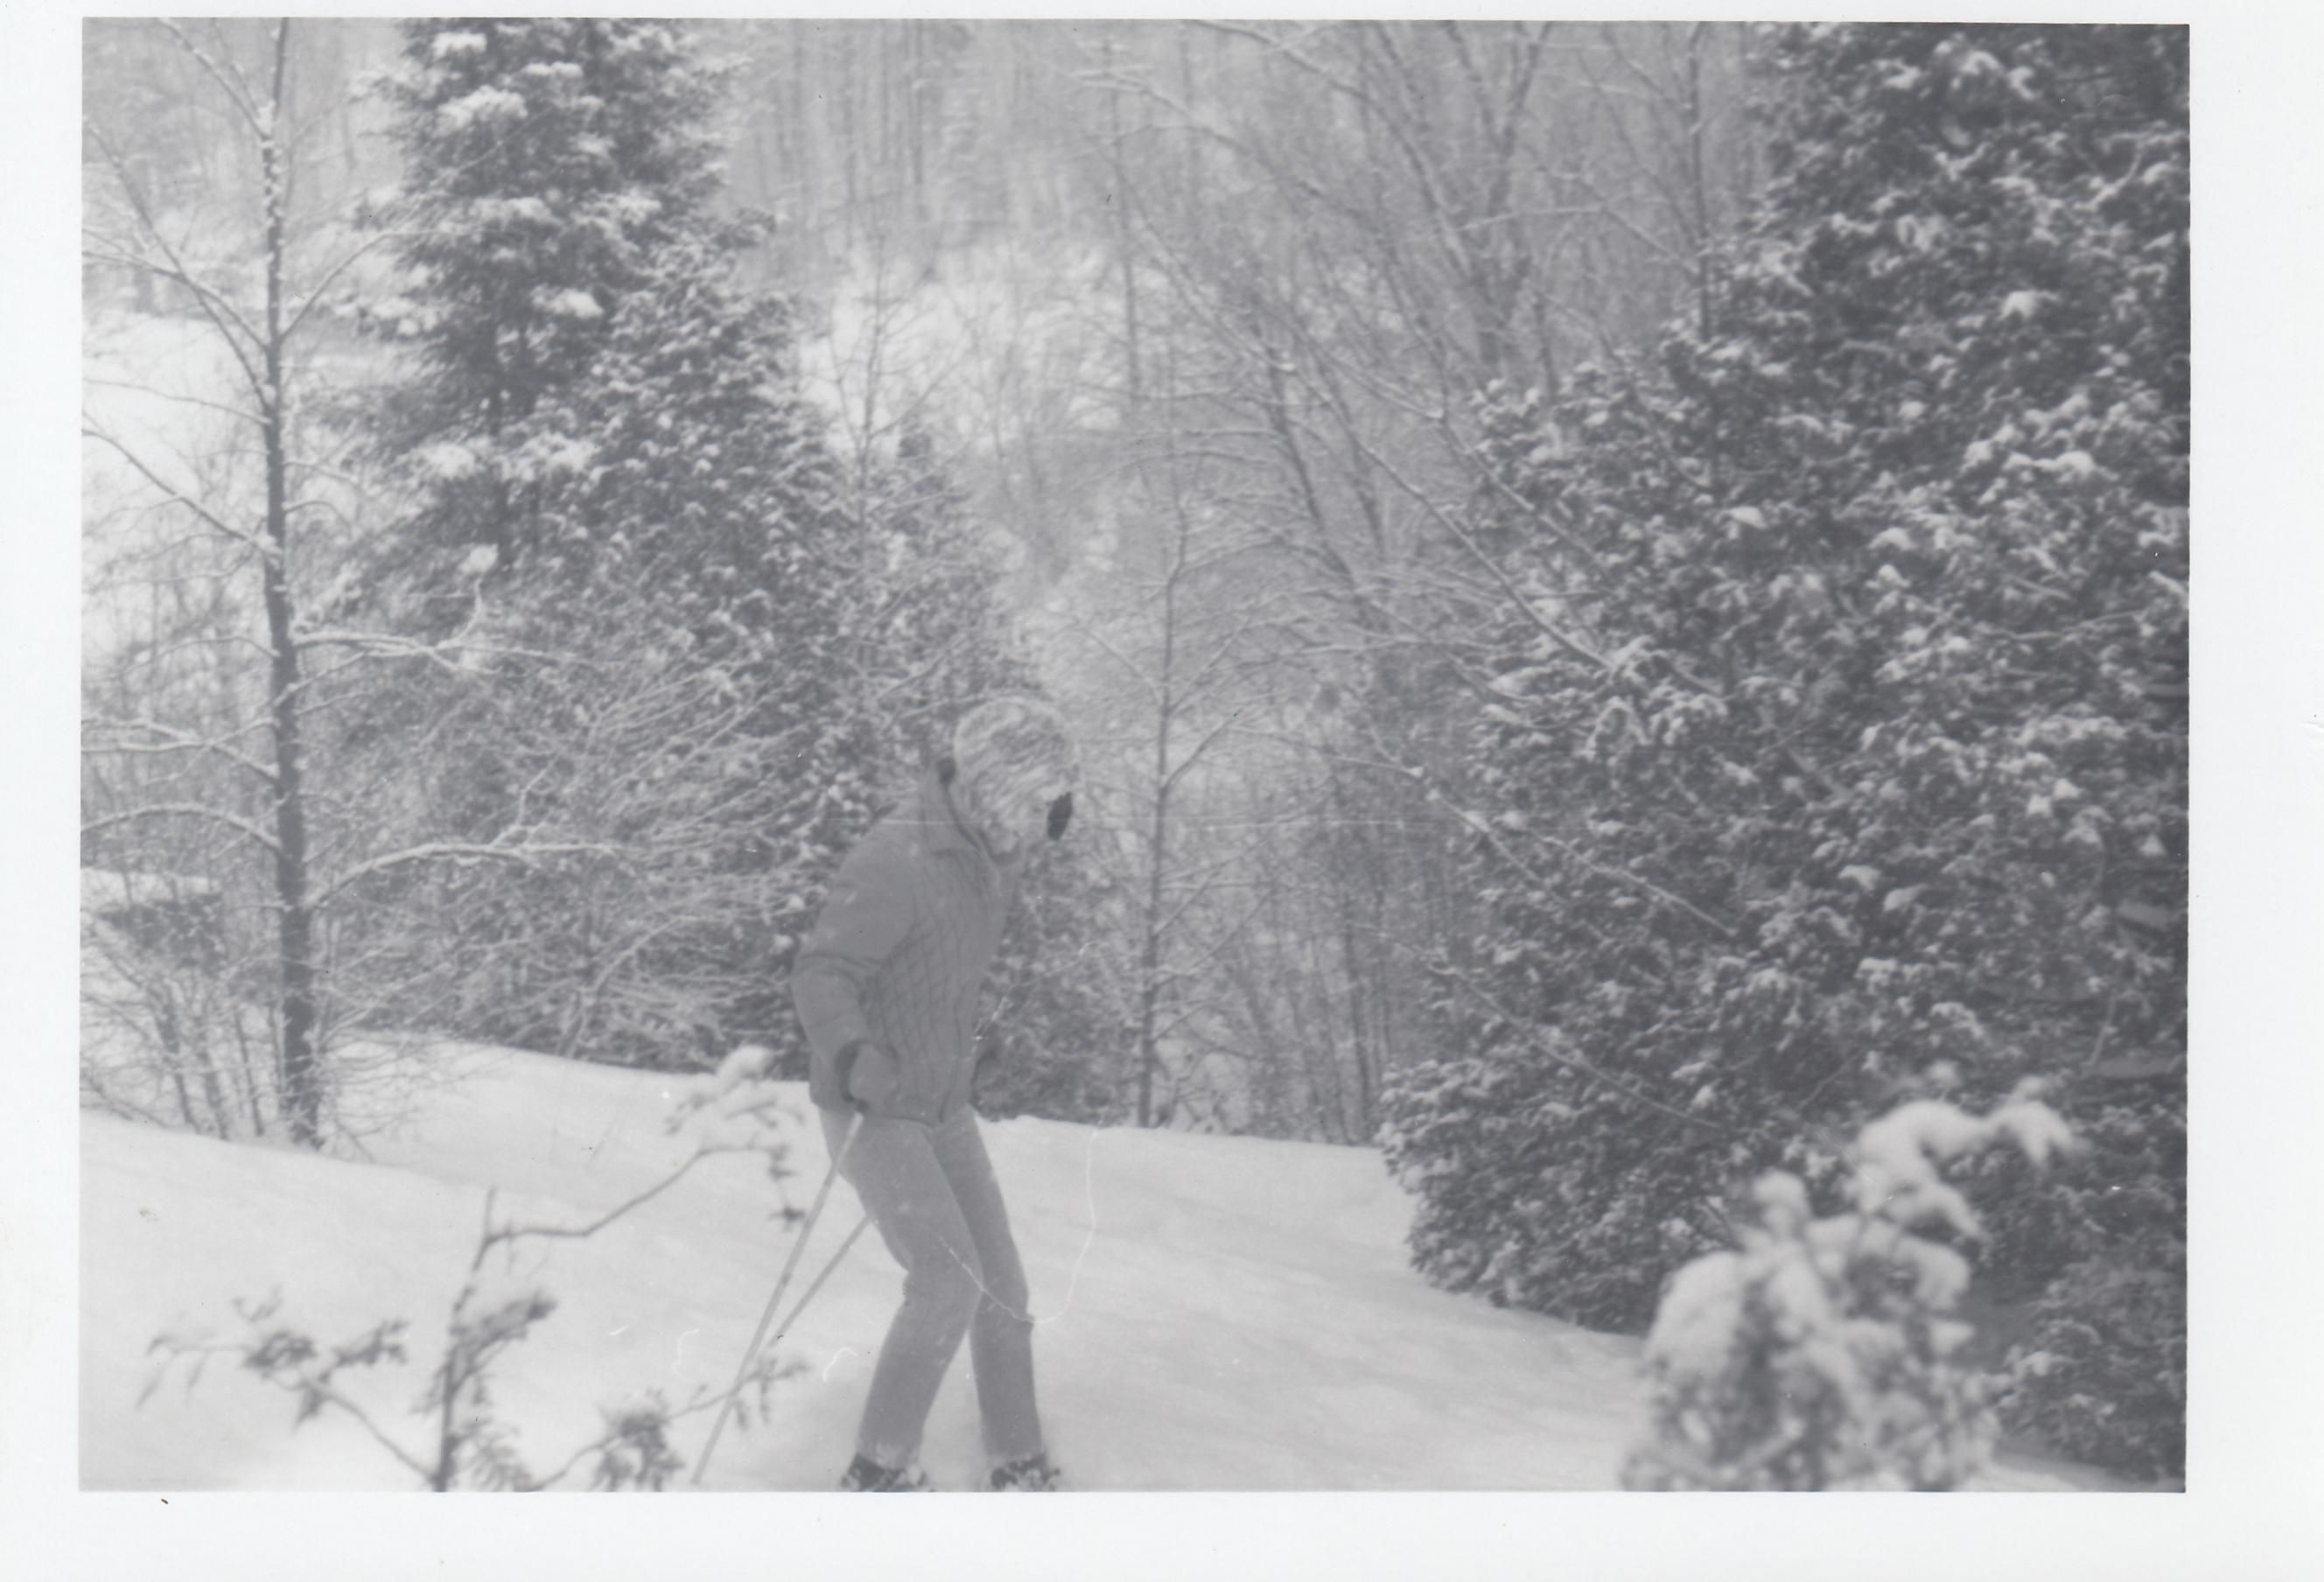 HaliburtonNewYear1967.jpg